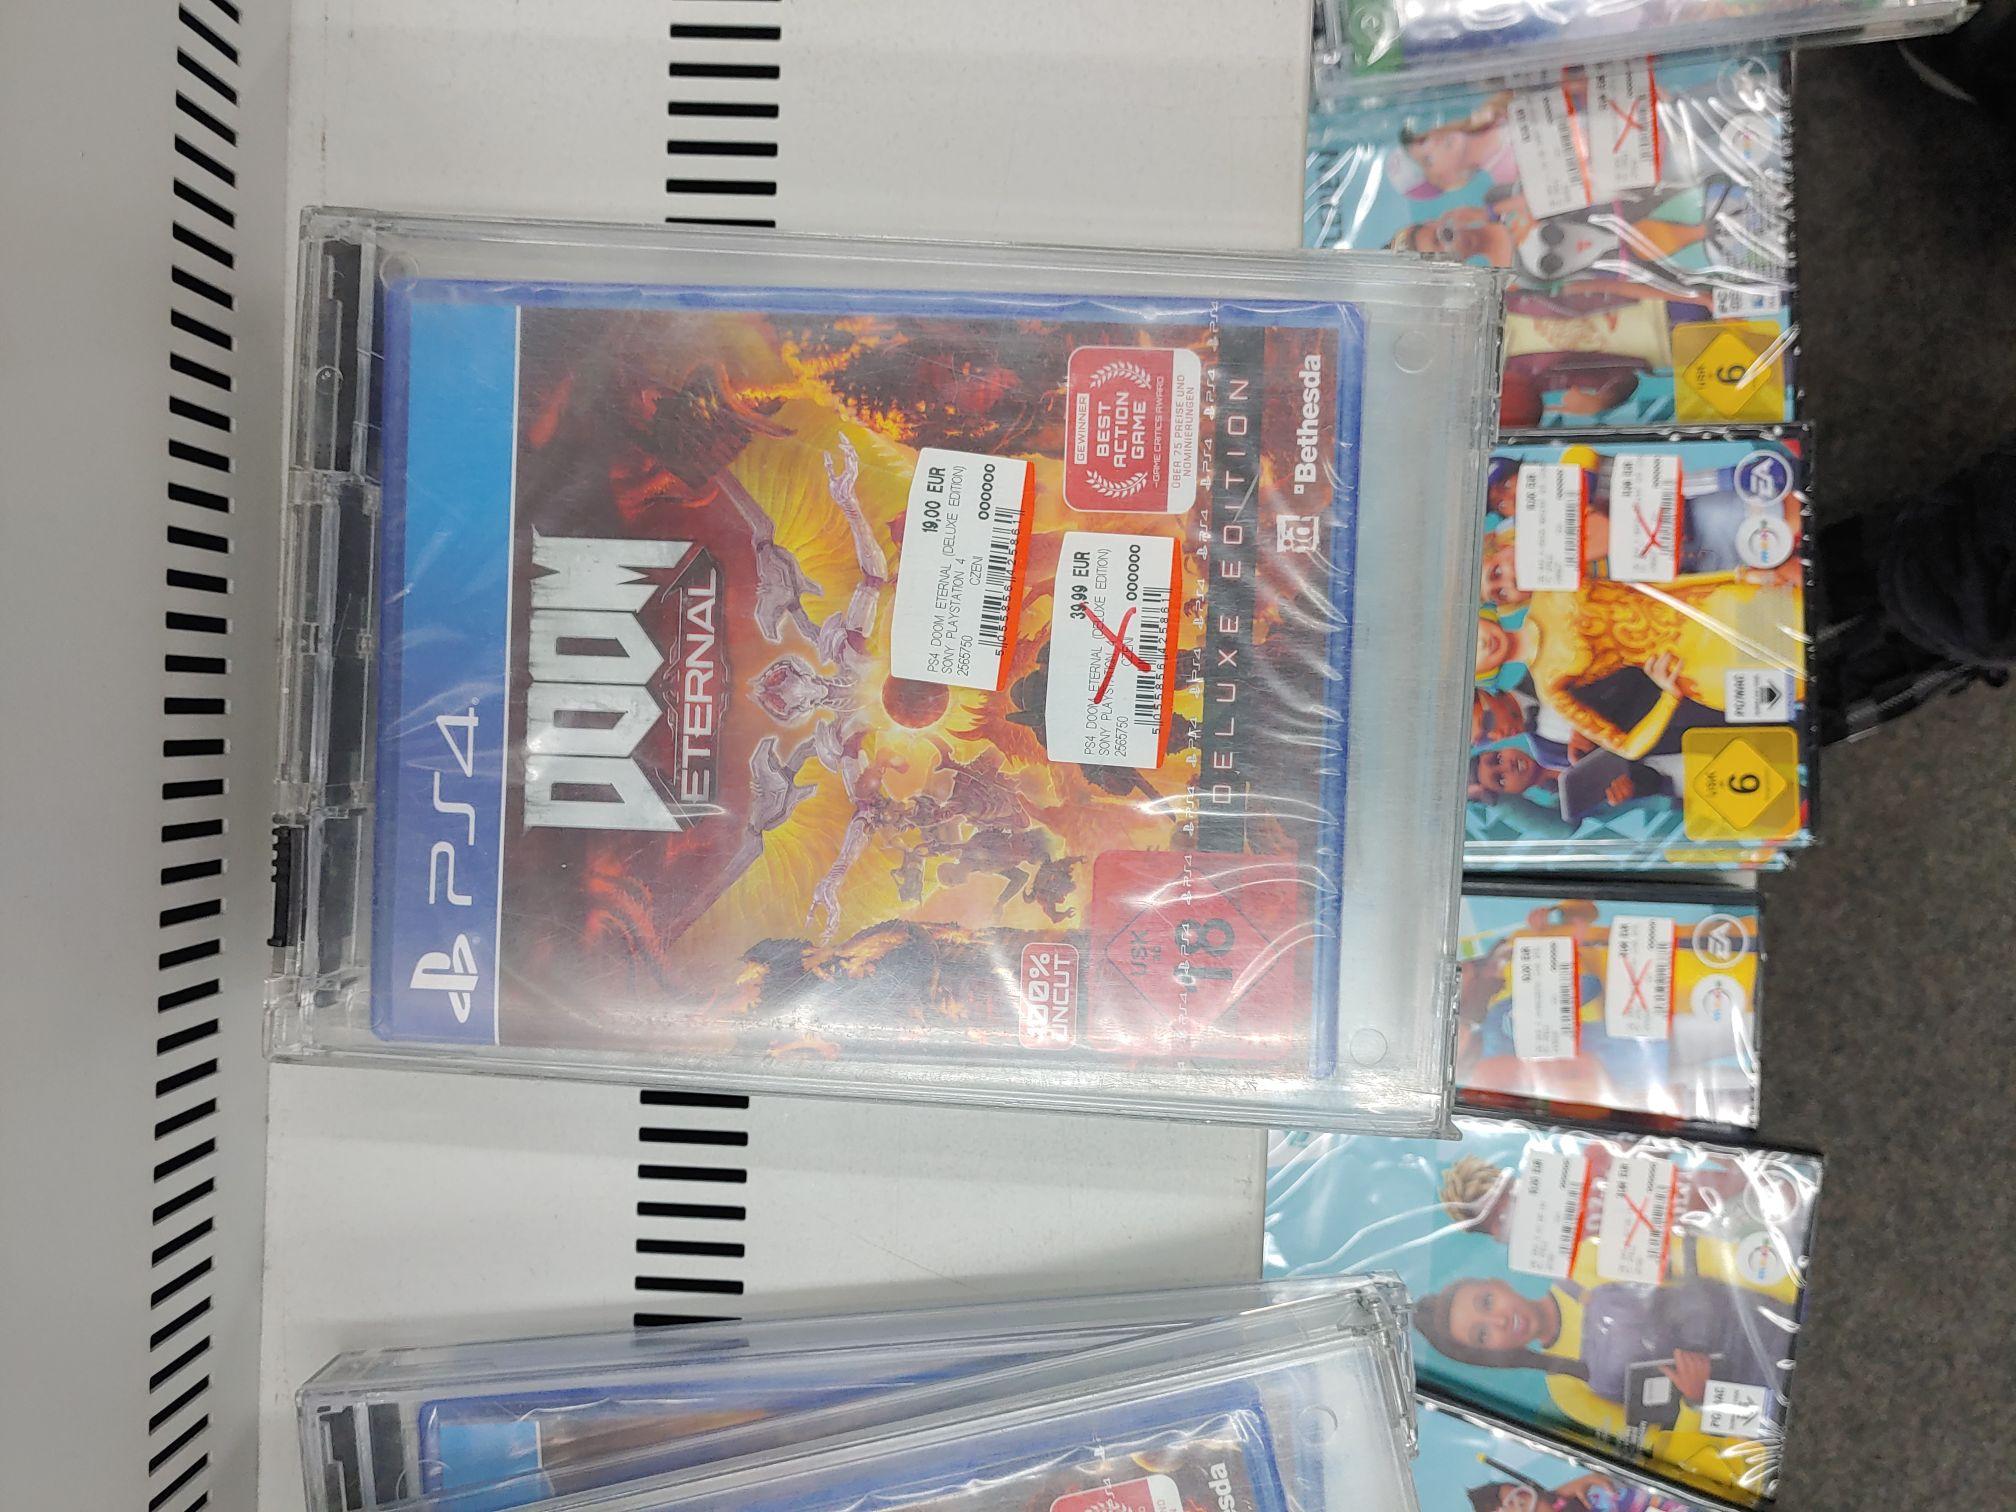 Lokal Media Markt Saarlouis Ps4/Xbox Doom Eternal Deluxe Edition